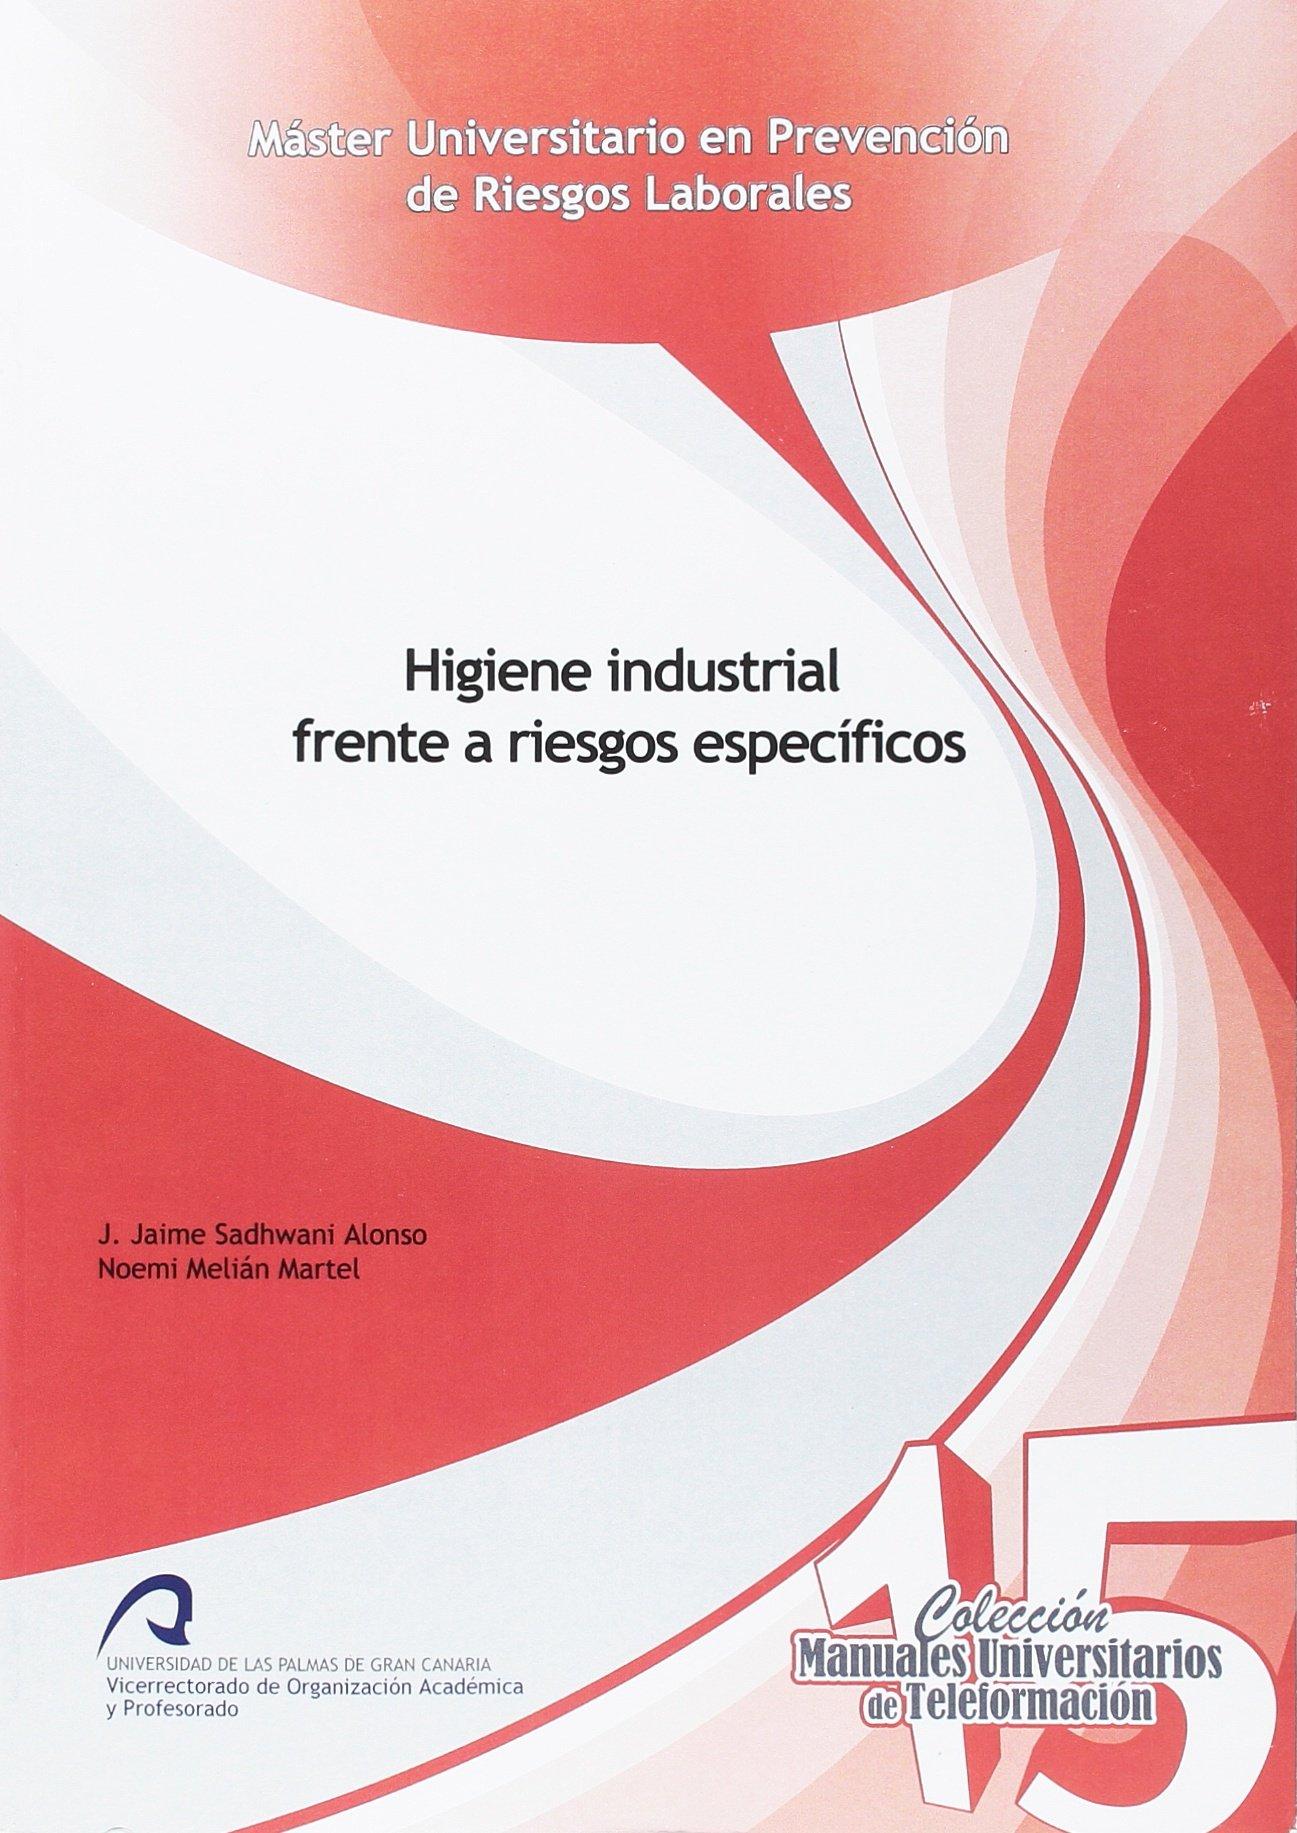 Higiene industrial frente a riesgos específicos Manuales Universitarios de Teleformación: Amazon.es: José Jaime Sadhwani Alonso, Noemi Melián Martel: Libros